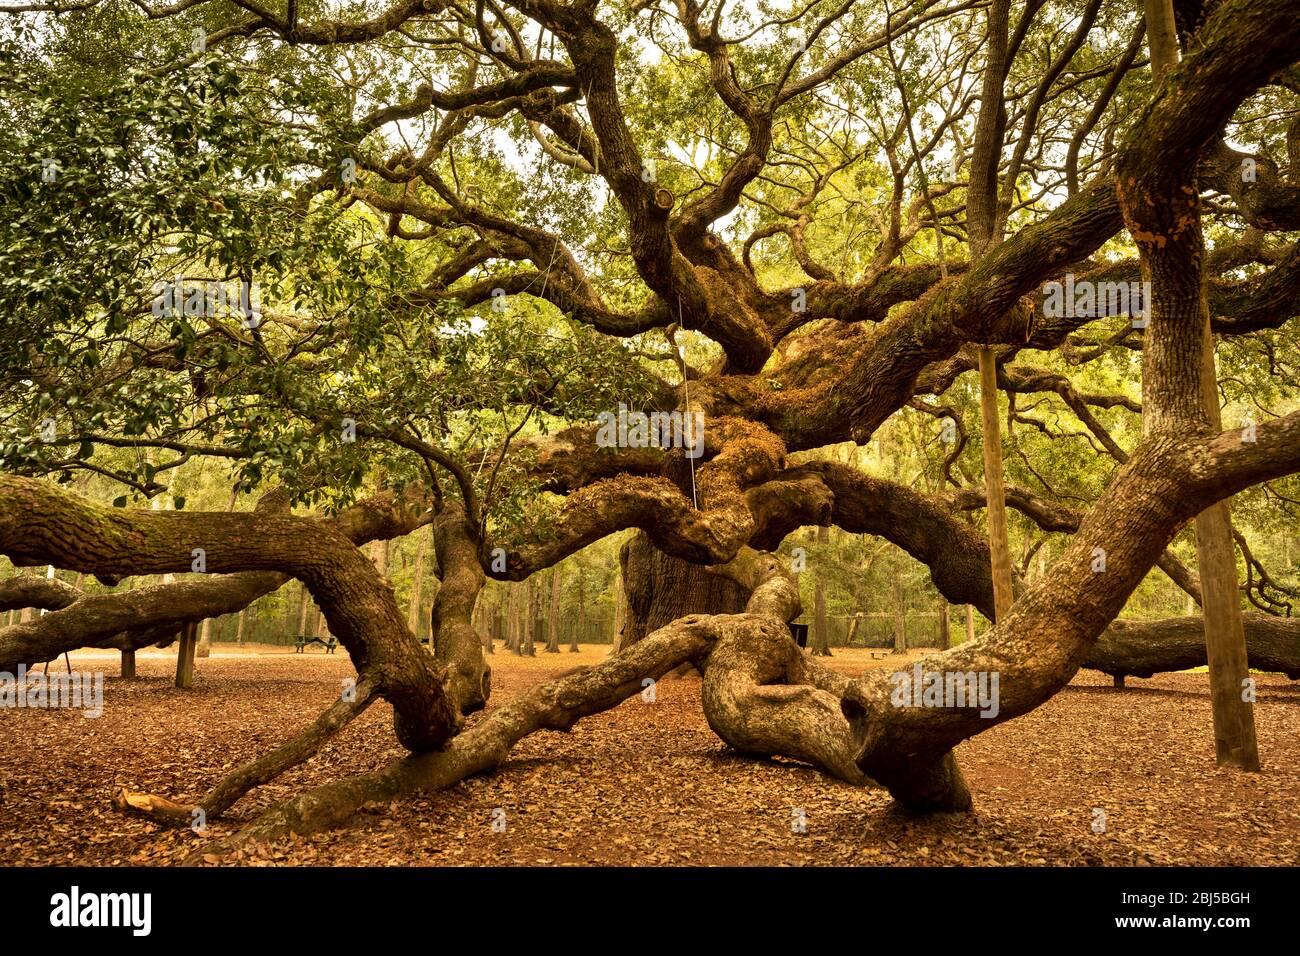 Charleston, Carolina del Sur, EE.UU. – 23 de octubre de 2018: Angel Oak es un roble vivo del sur situado en Angel Oak Park en la Isla Johns, cerca de Charleston, Sur Foto de stock